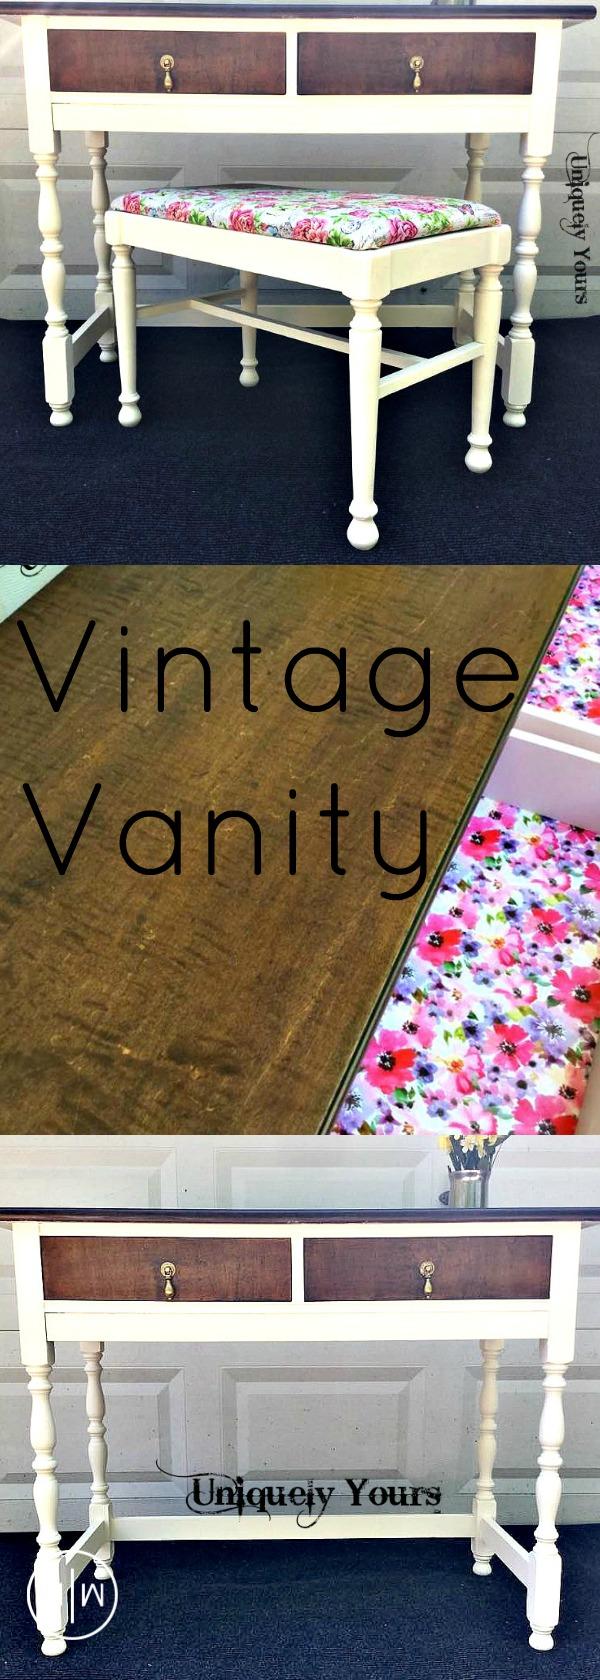 Vintage Vanity 1